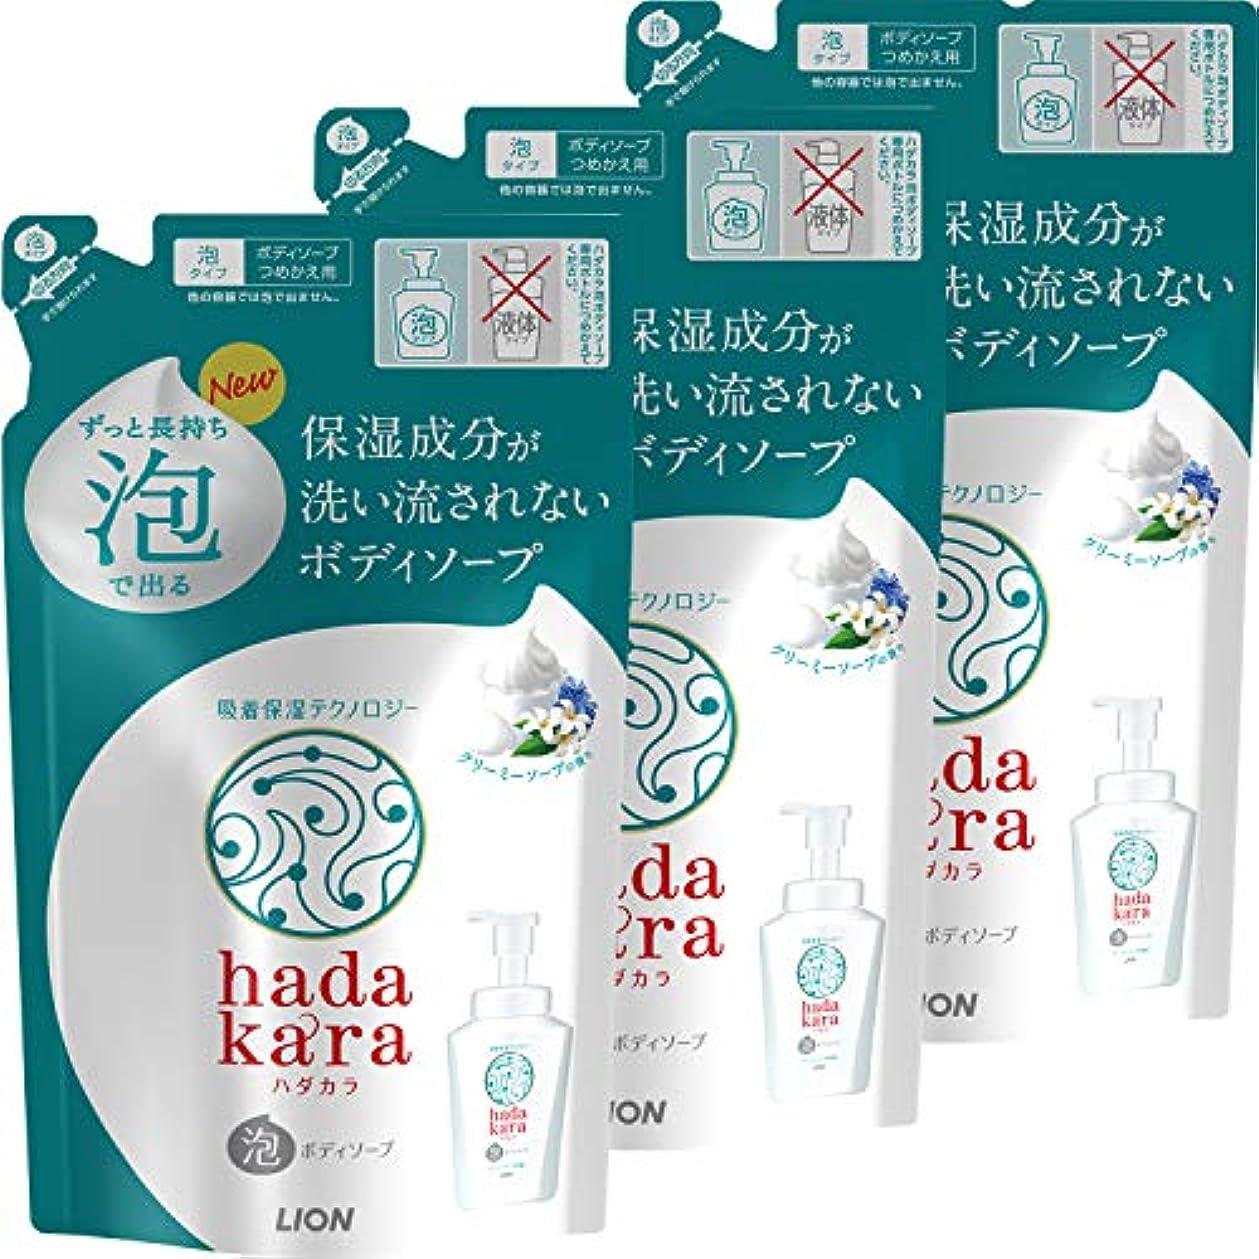 タッチ振り向くトラフhadakara(ハダカラ) ボディソープ 泡タイプ クリーミーソープの香り 詰替440ml×3個